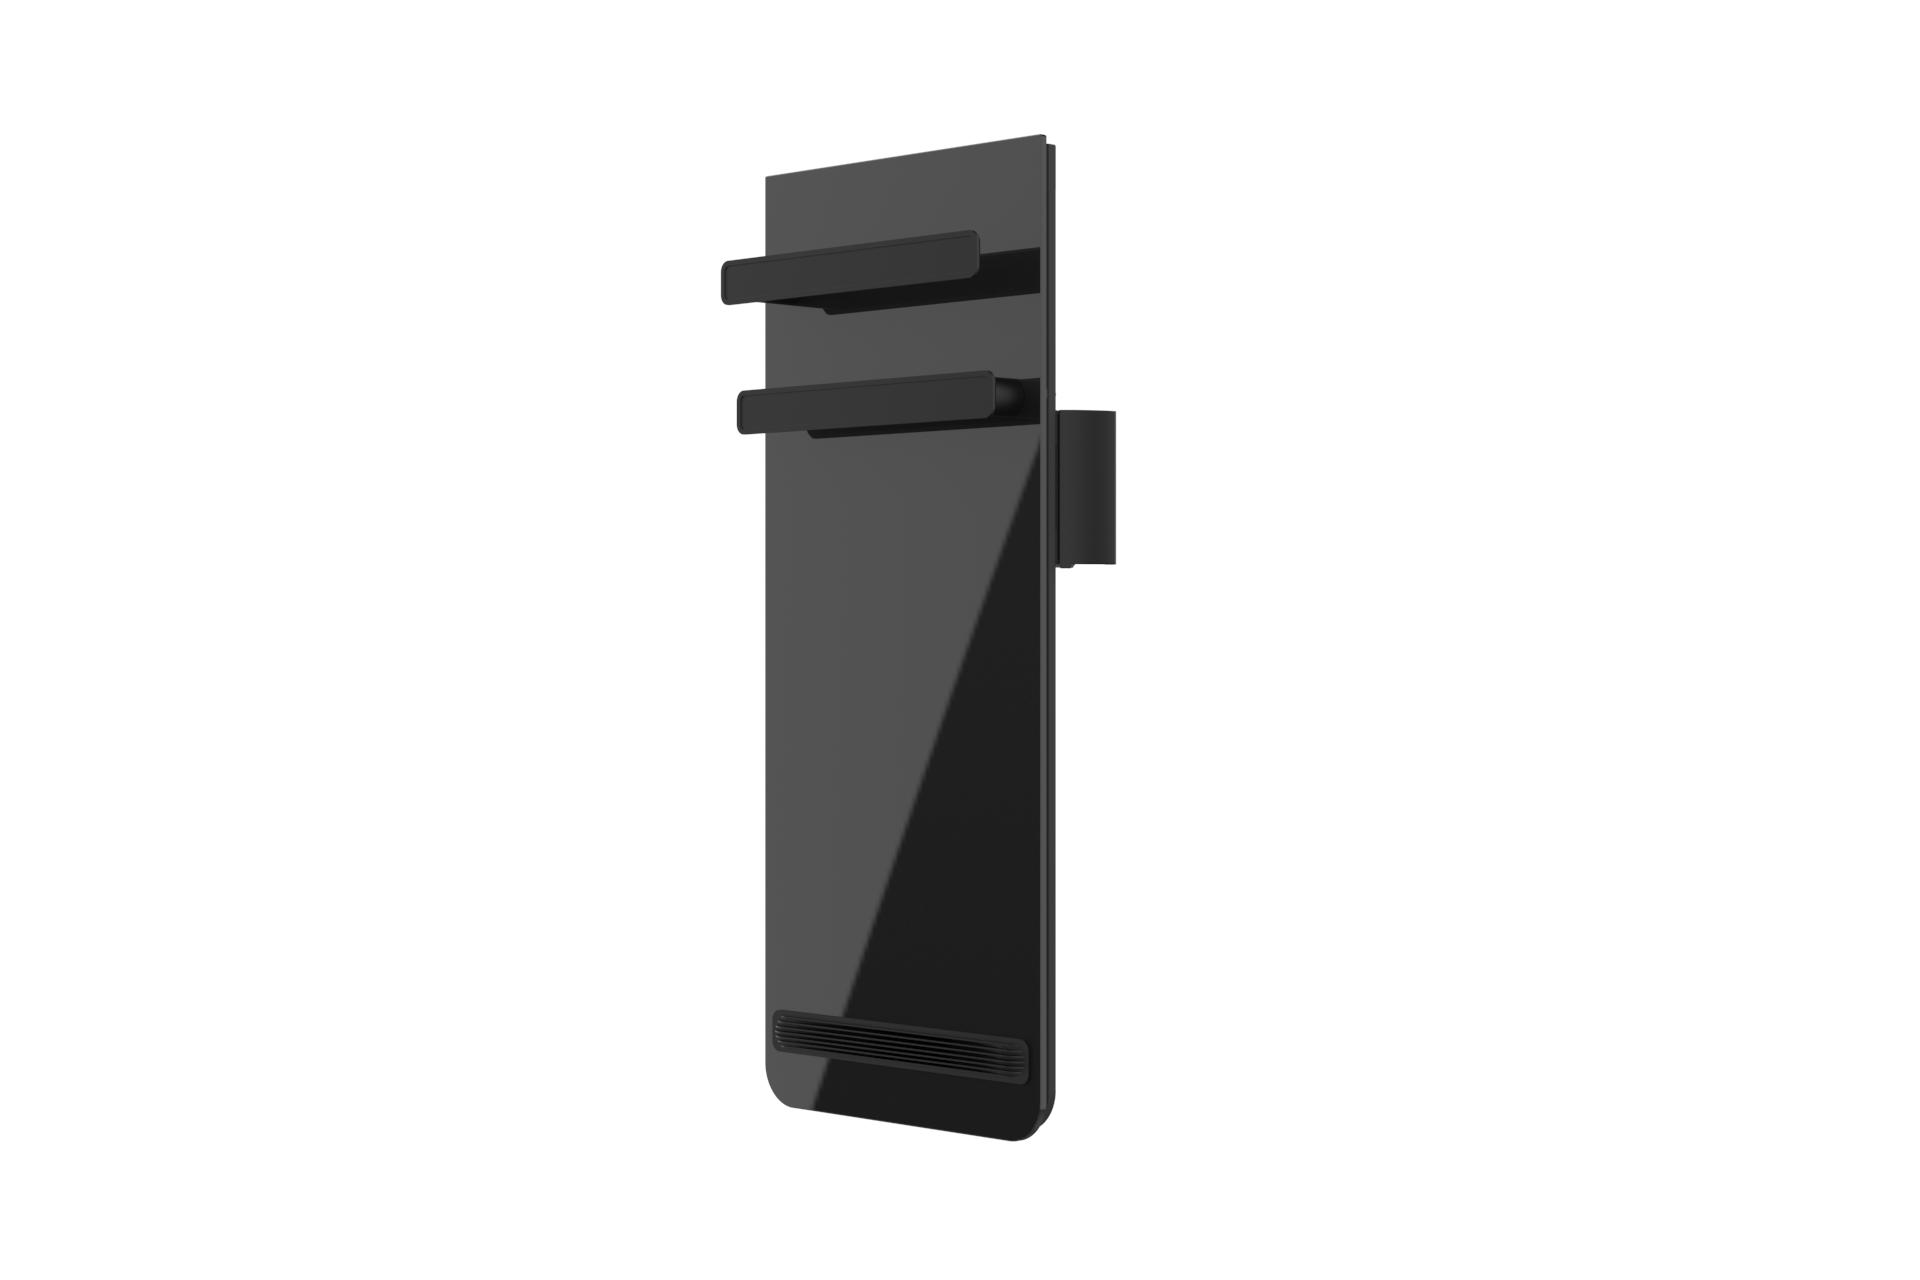 Image 2vision 360 degrés du produit CAMPAVER BAINS KYOTO 3.0